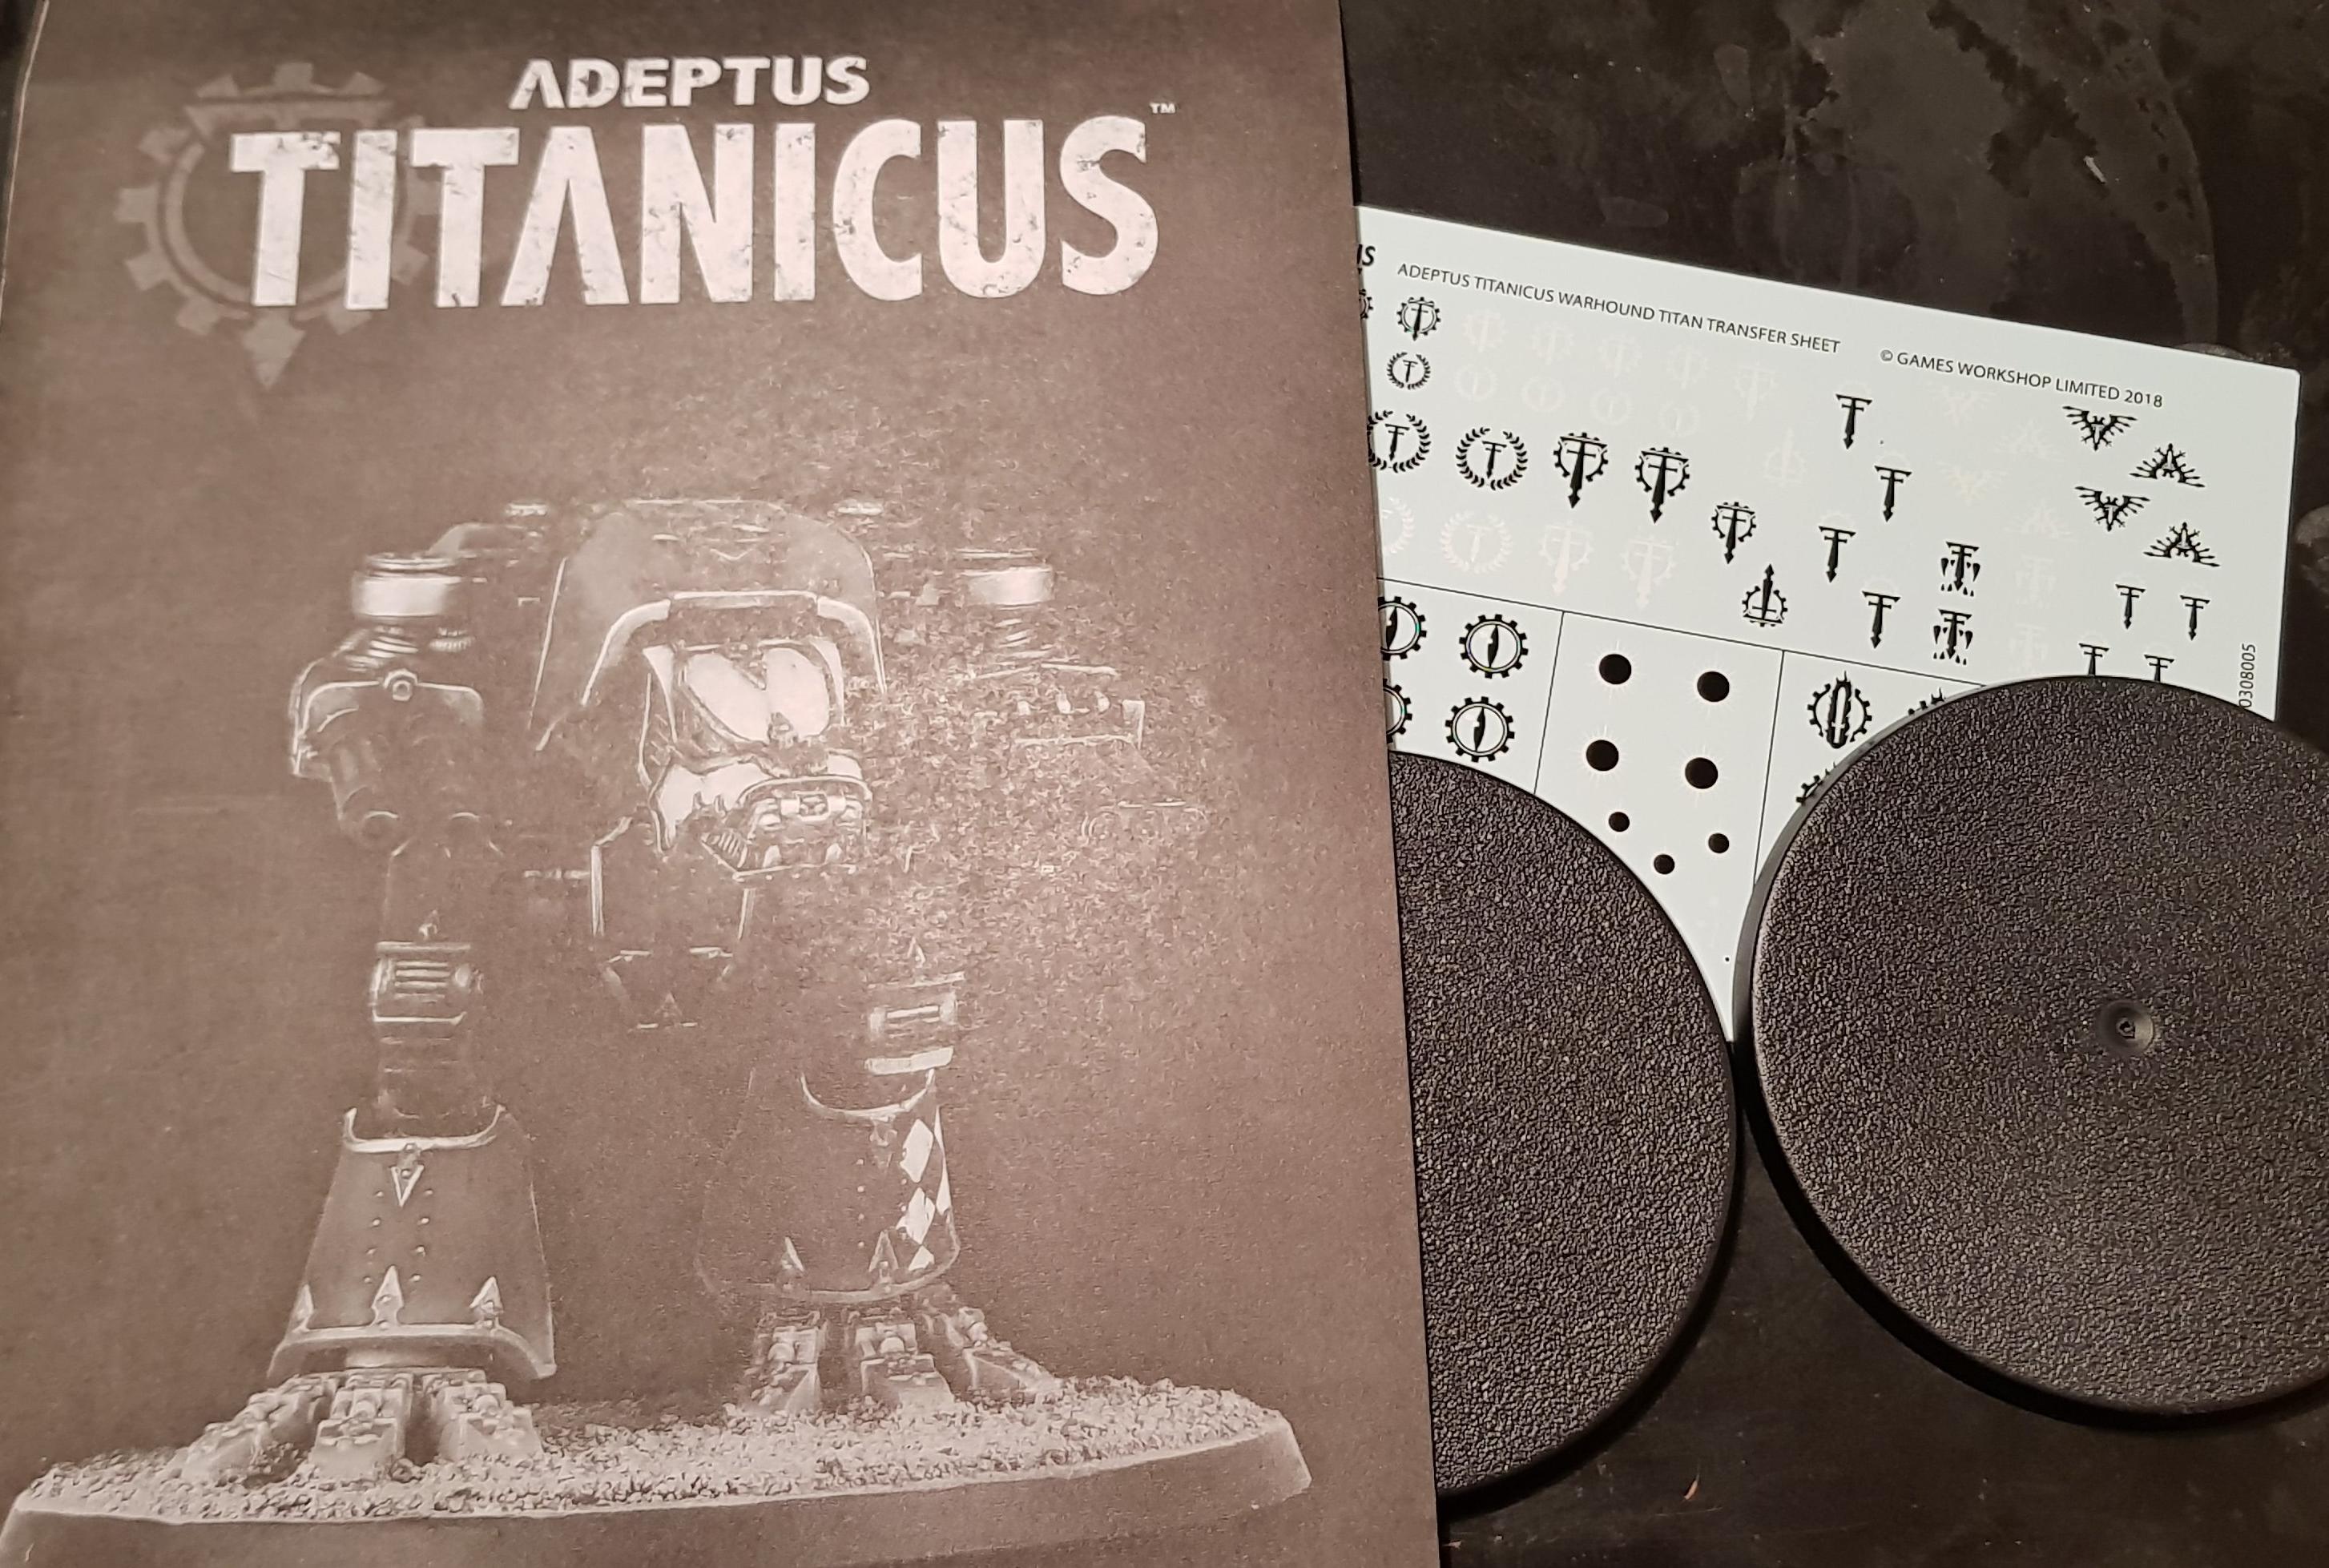 Adeptus Titanicus – The Wargaming Bear